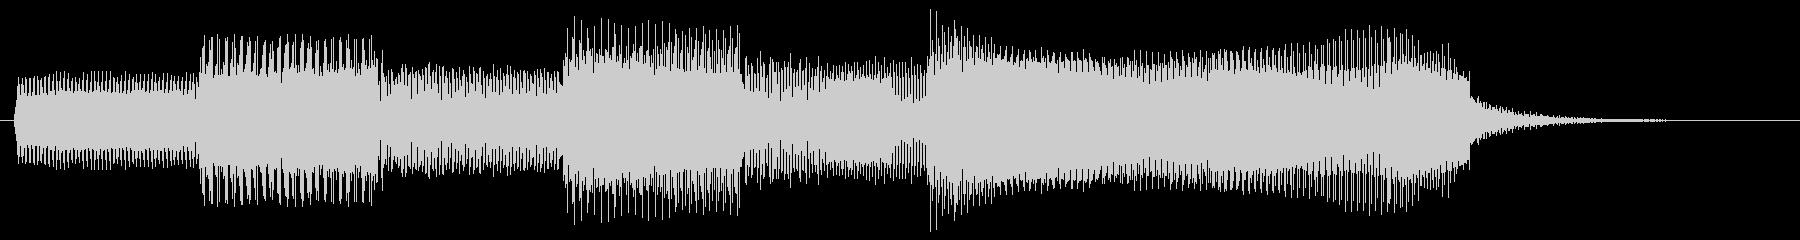 レトロなゲーム風サウンドのゲームクリア音の未再生の波形